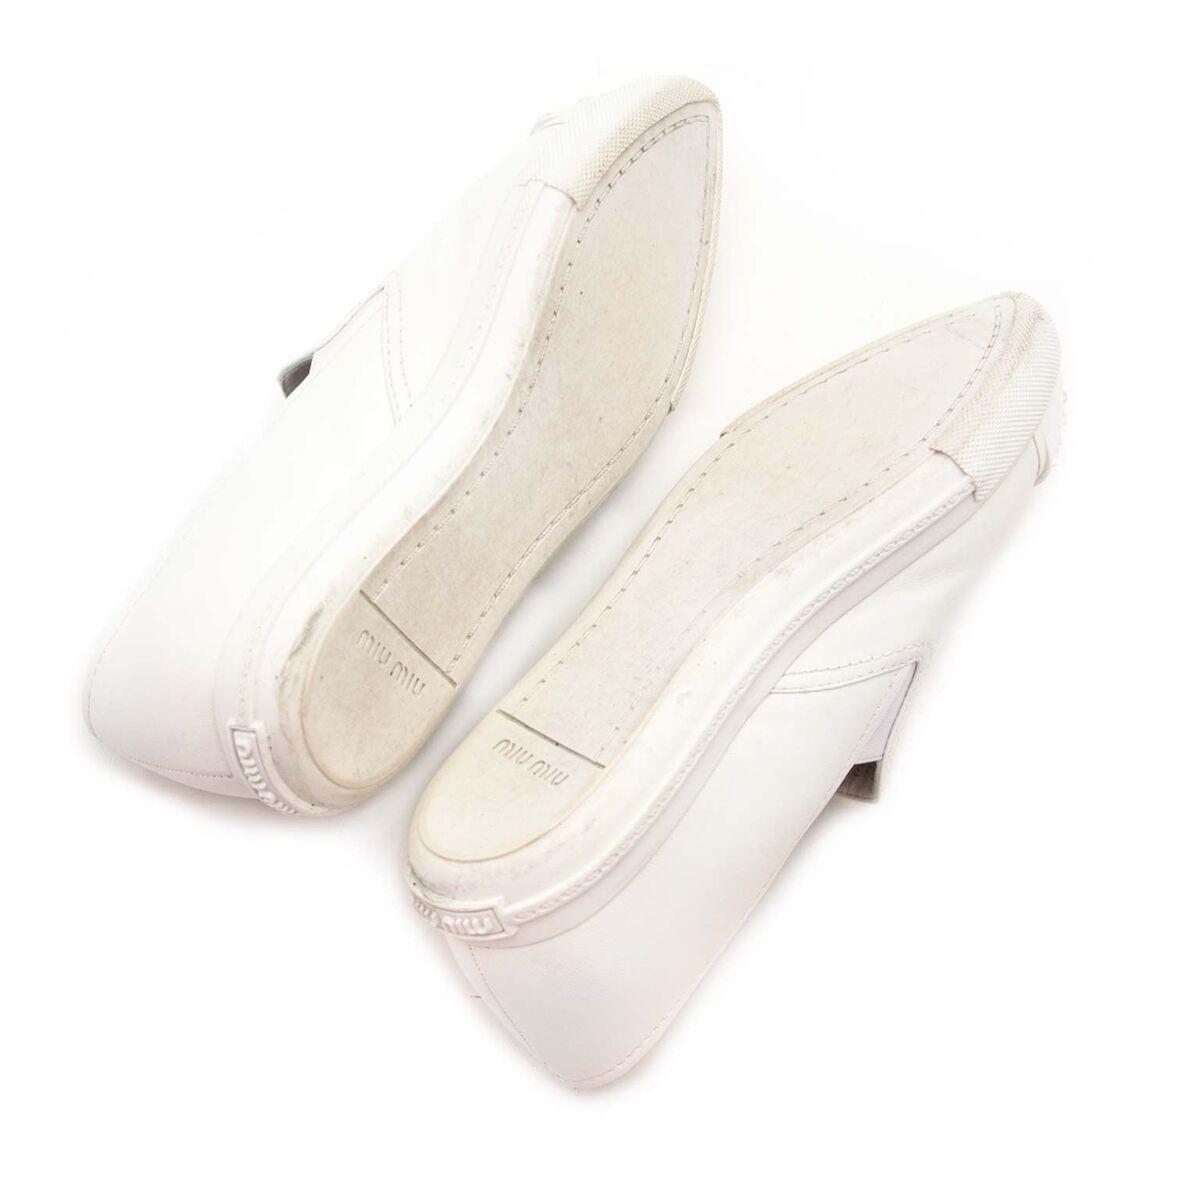 Koop authentieke tweedehands Miu Miu witte sneakers aan een eerlijke prijs bij LabelLOV. Veilig online shoppen.